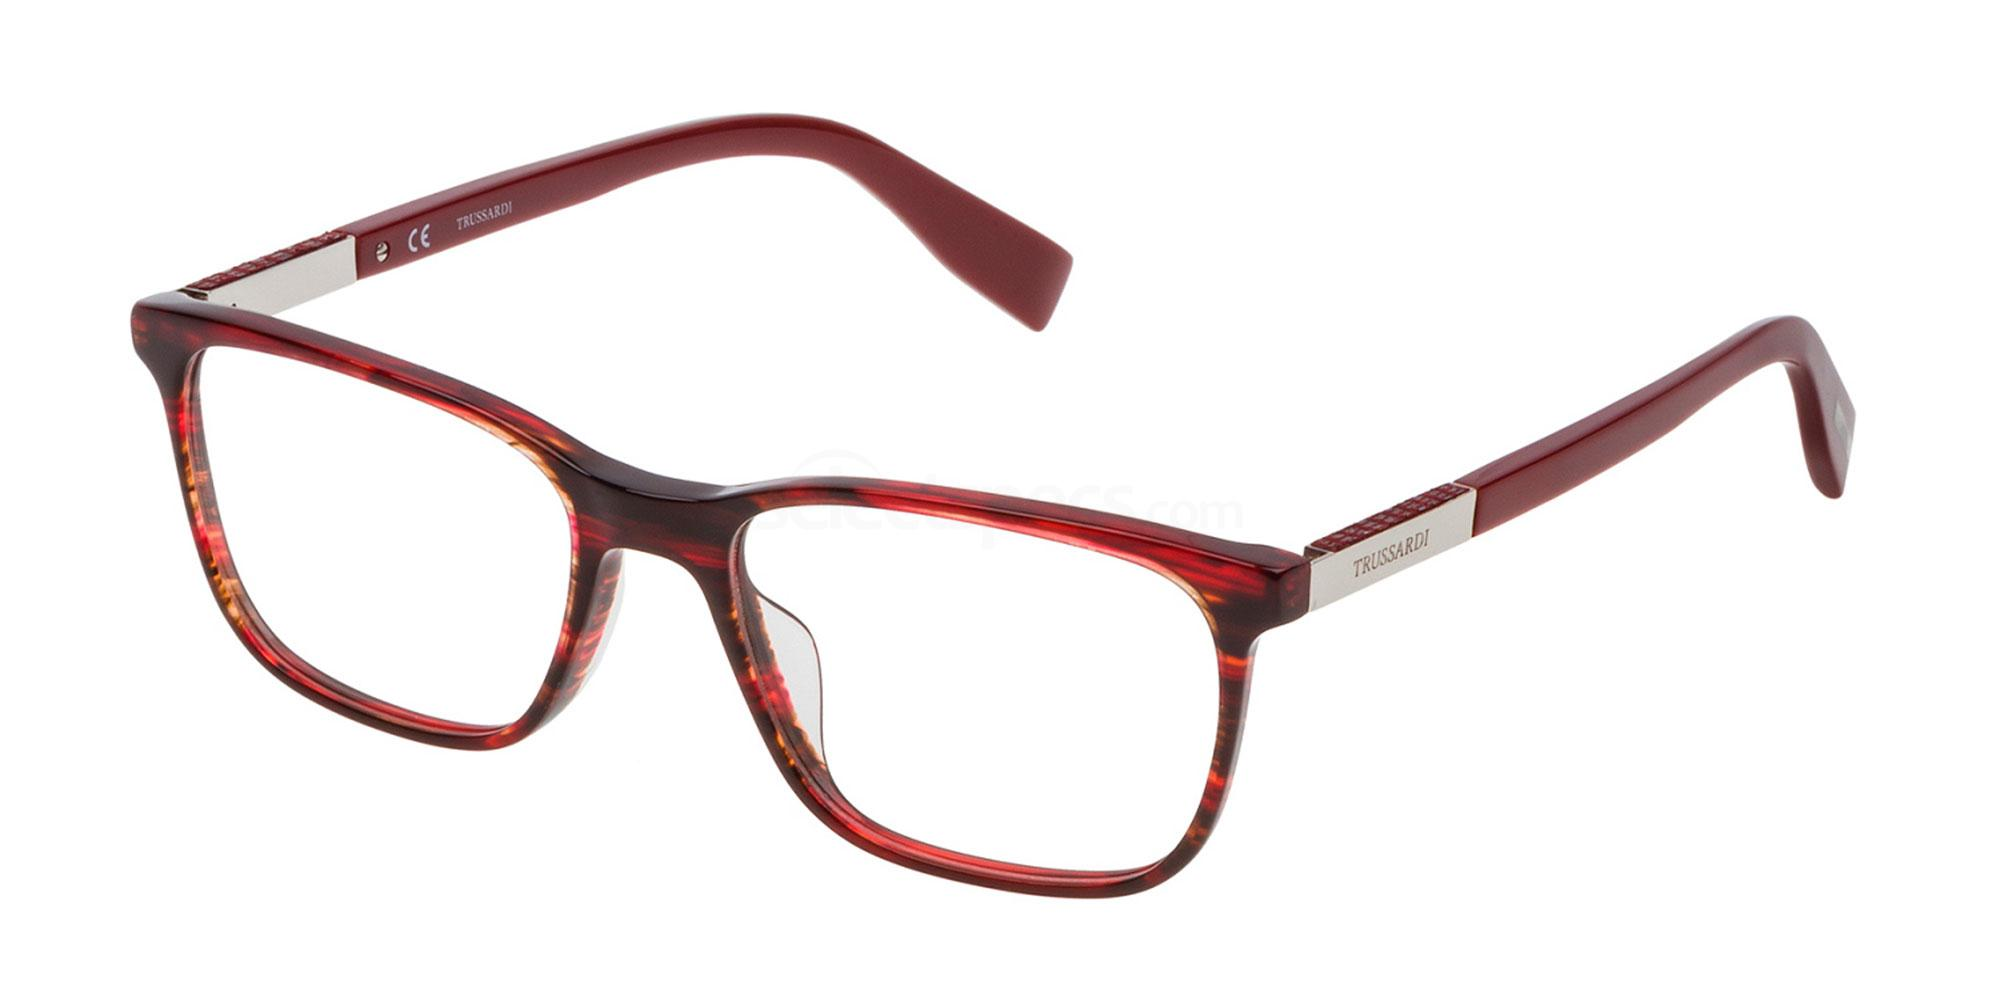 01FW VTR149 Glasses, Trussardi